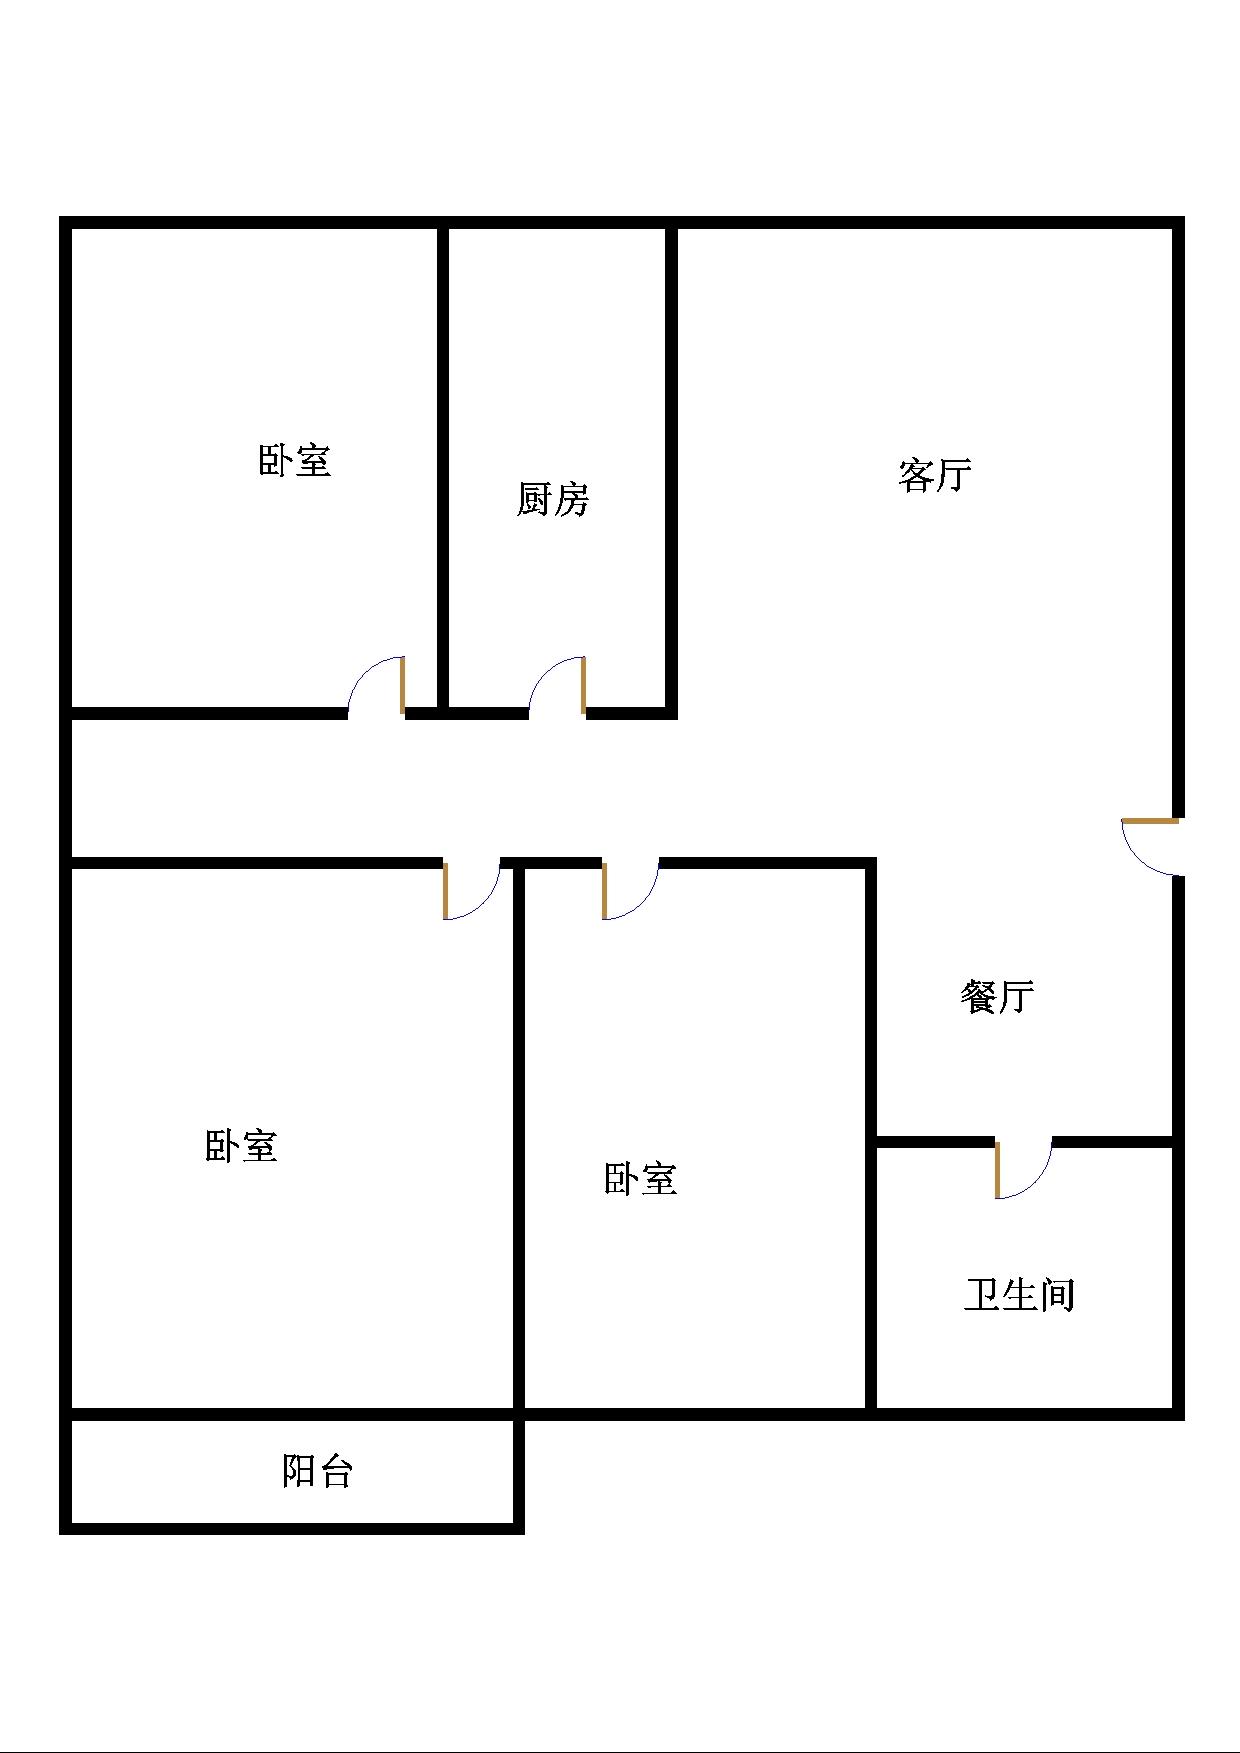 尚城国际 3室1厅 14楼